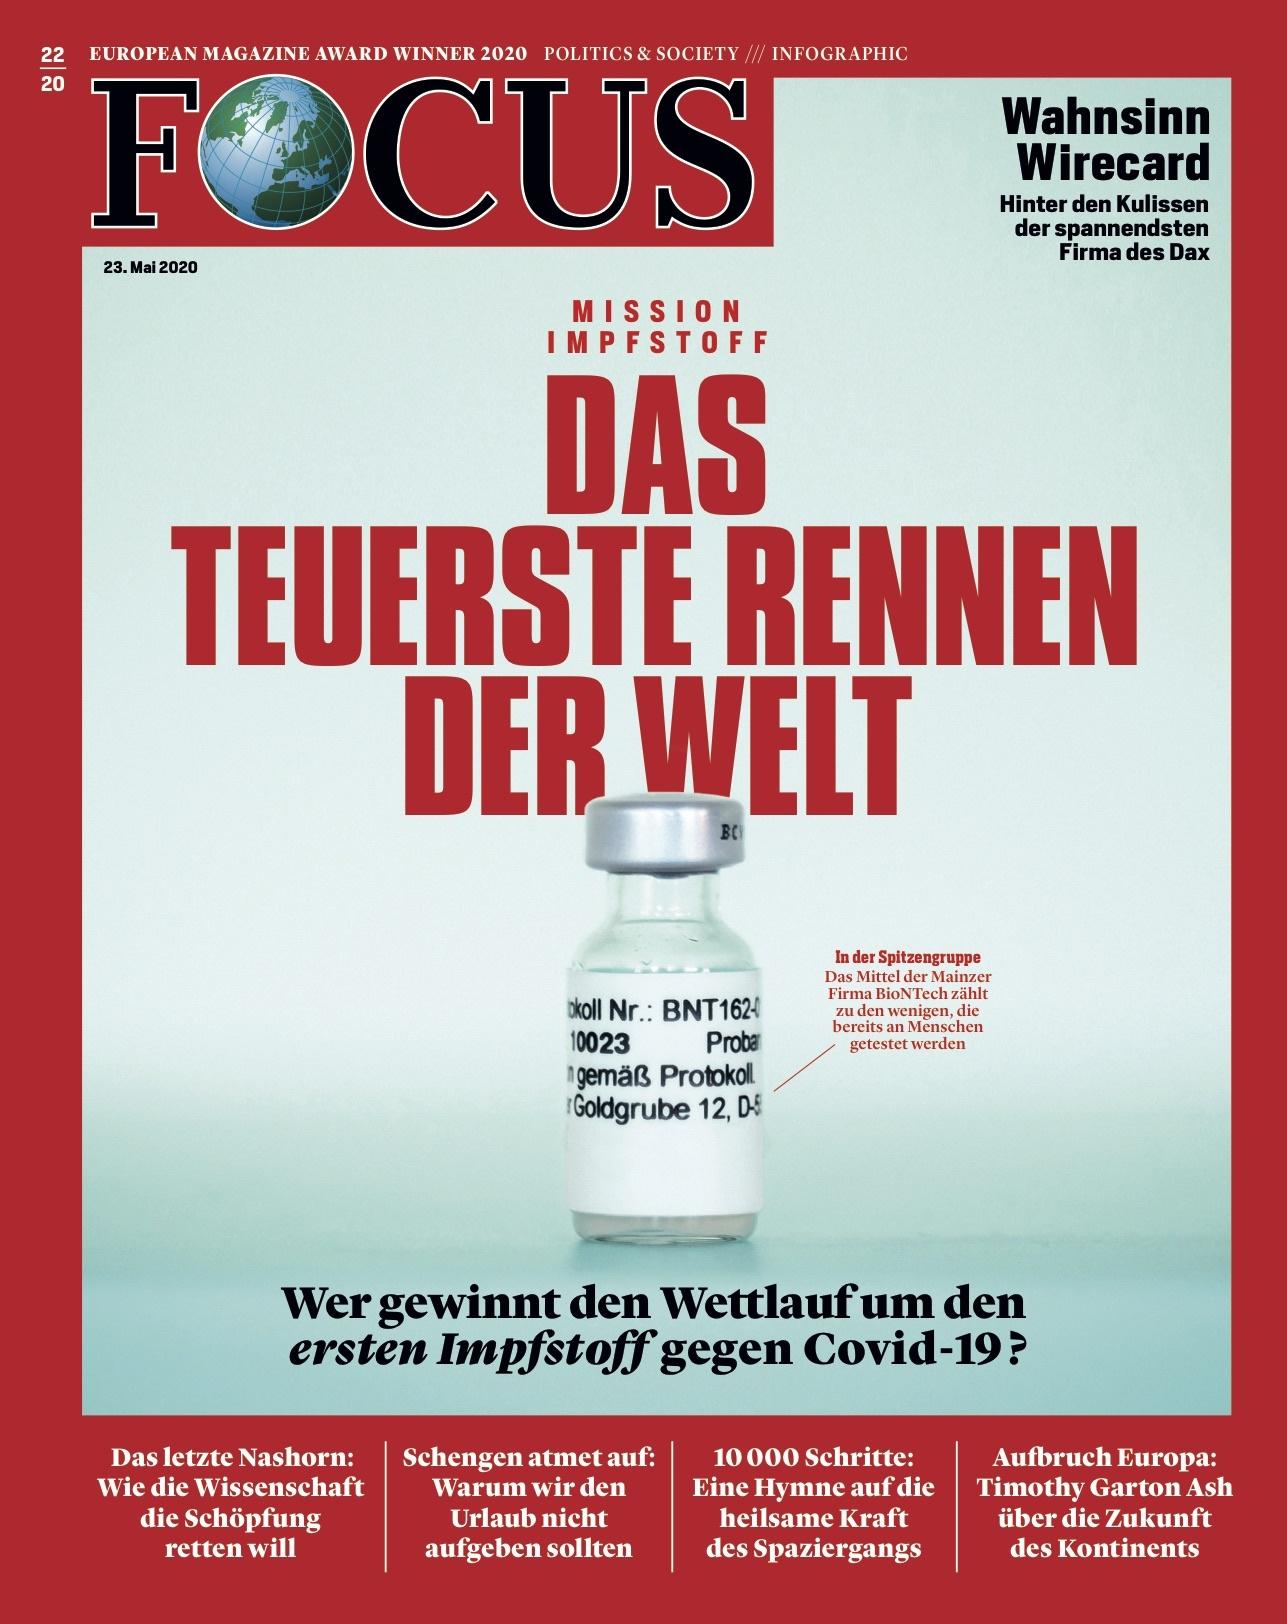 FOCUS Magazin FOCUS Magazin - Das teuerste Rennen der Welt